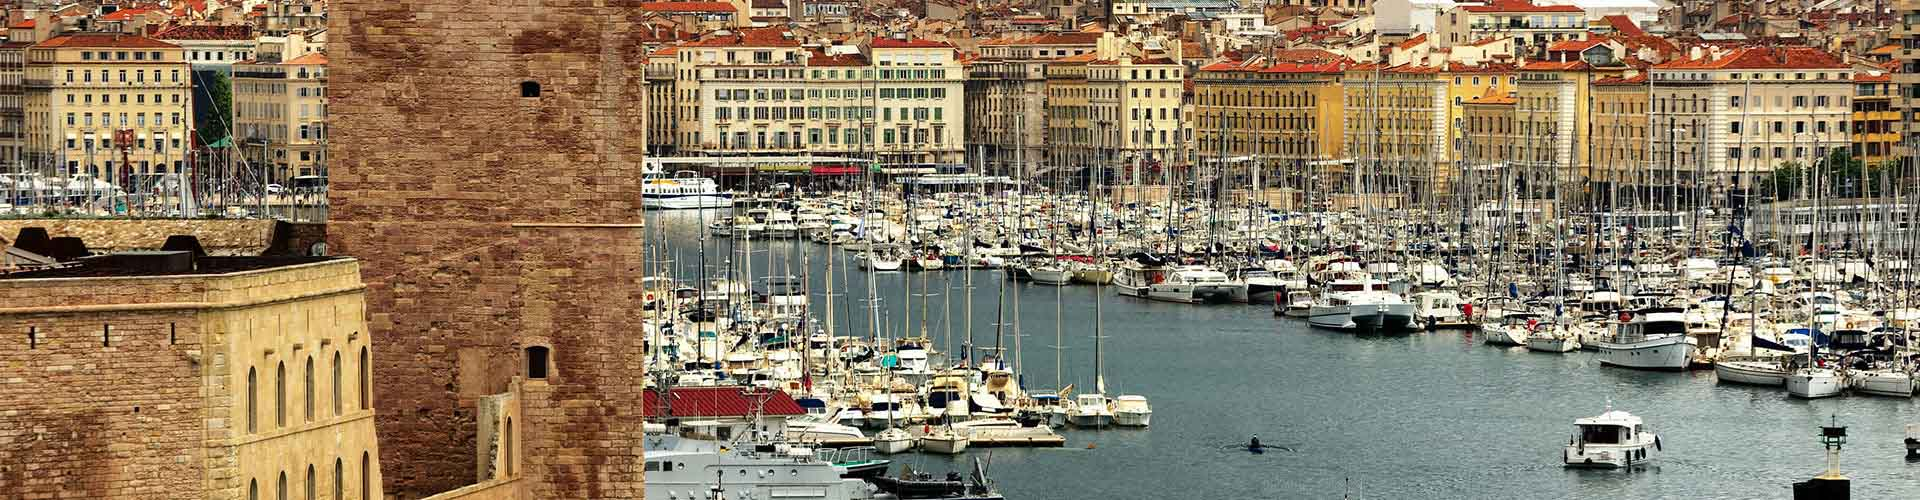 Marsella - Habitaciones en el distrito Hotel de Ville. Mapas de Marsella, Fotos y comentarios de cada Habitación en Marsella.